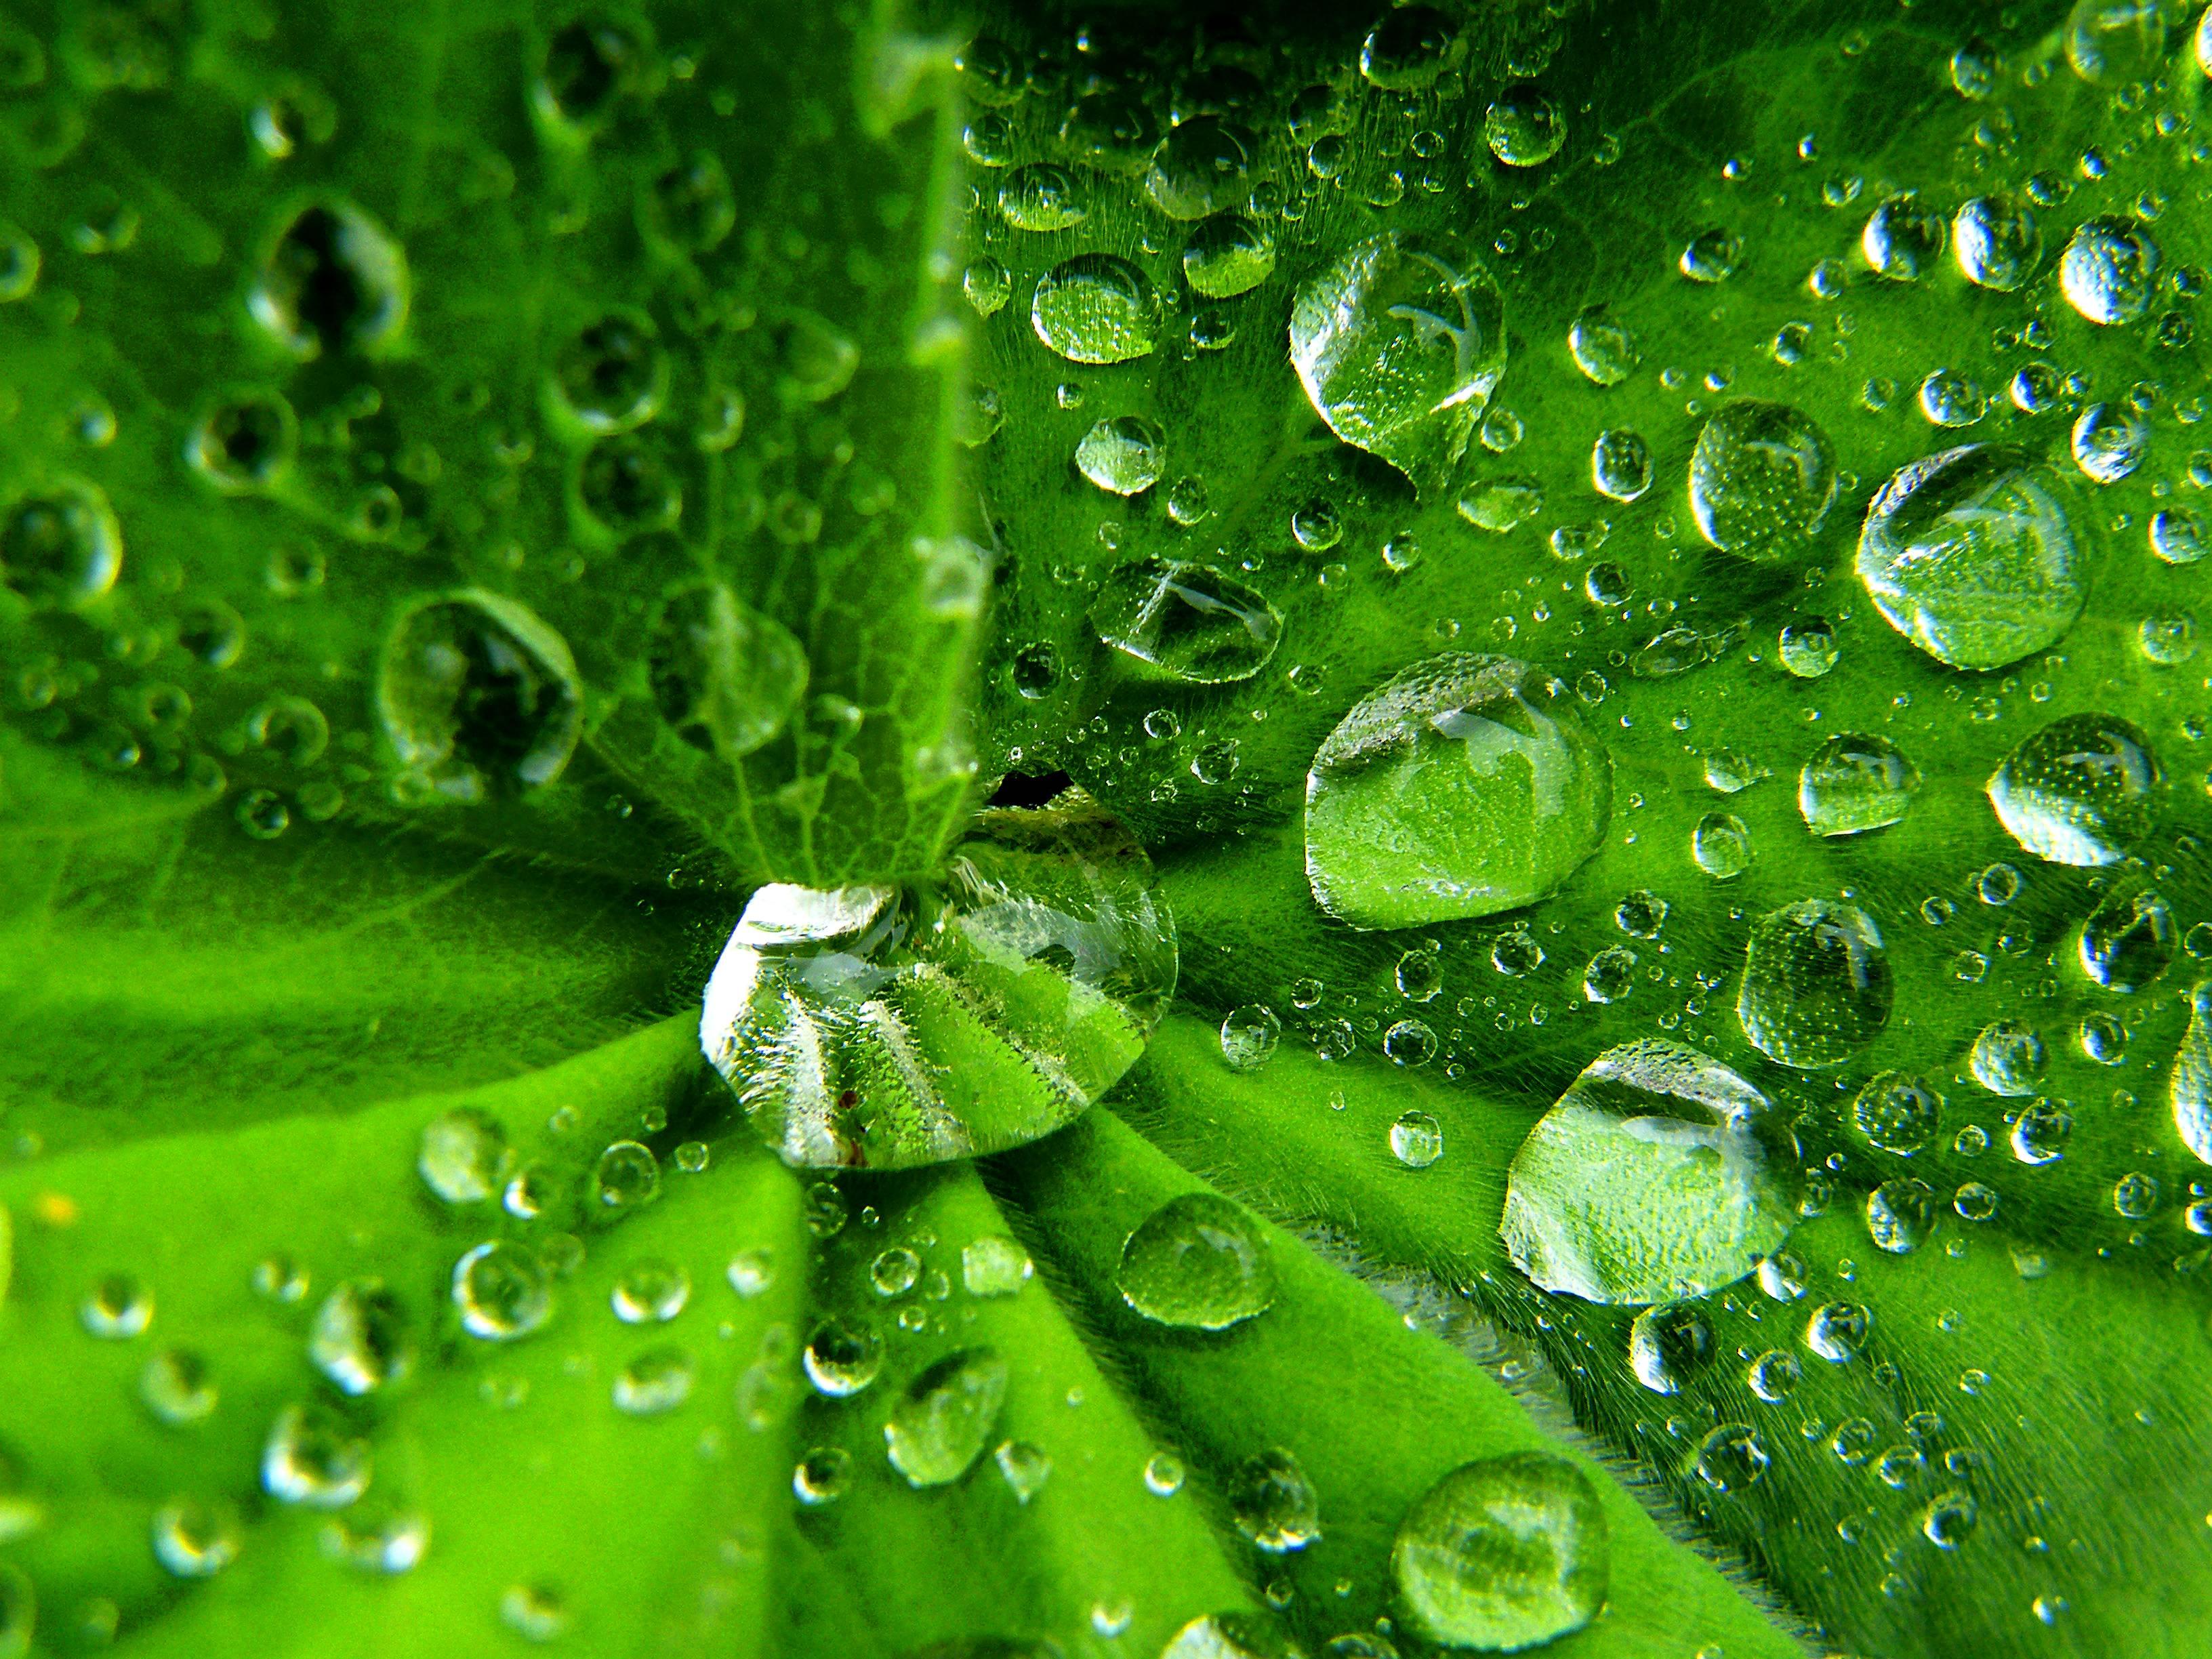 Wallpaper Rumput Hujan Hijau Basah Embun Daun